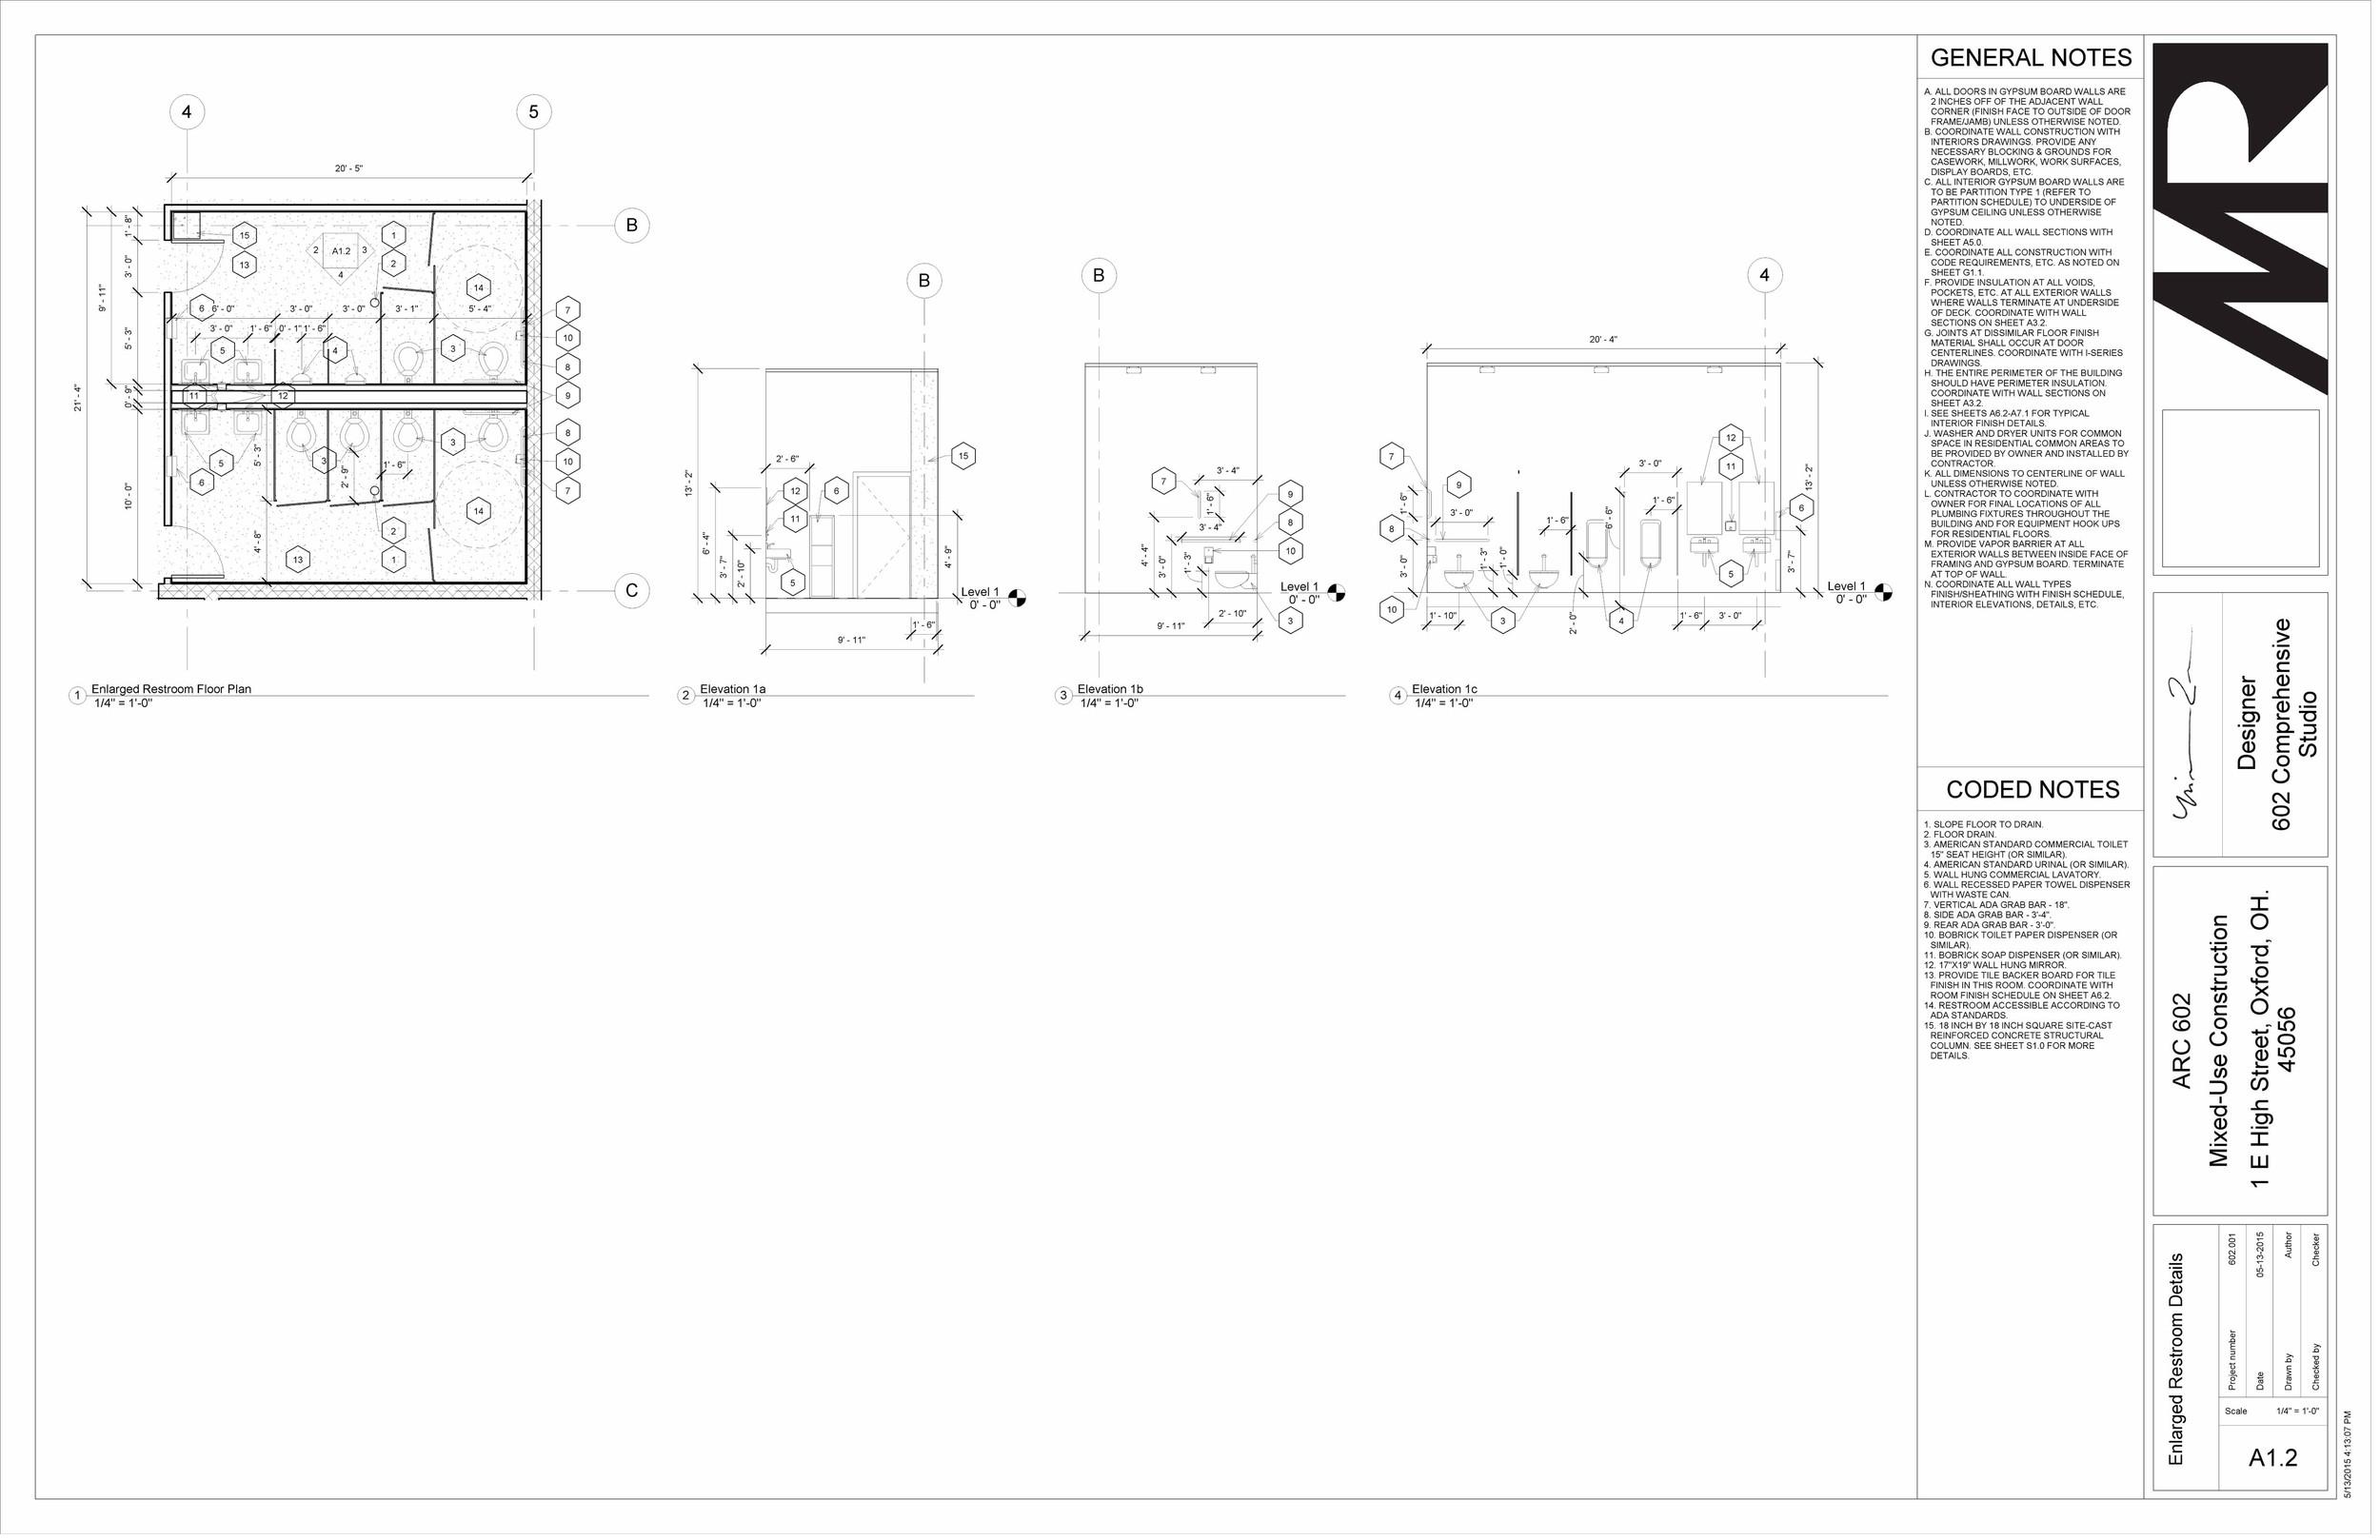 602 Studio - Sheet - A1-2 - Enlarged Restroom Details copy.jpg